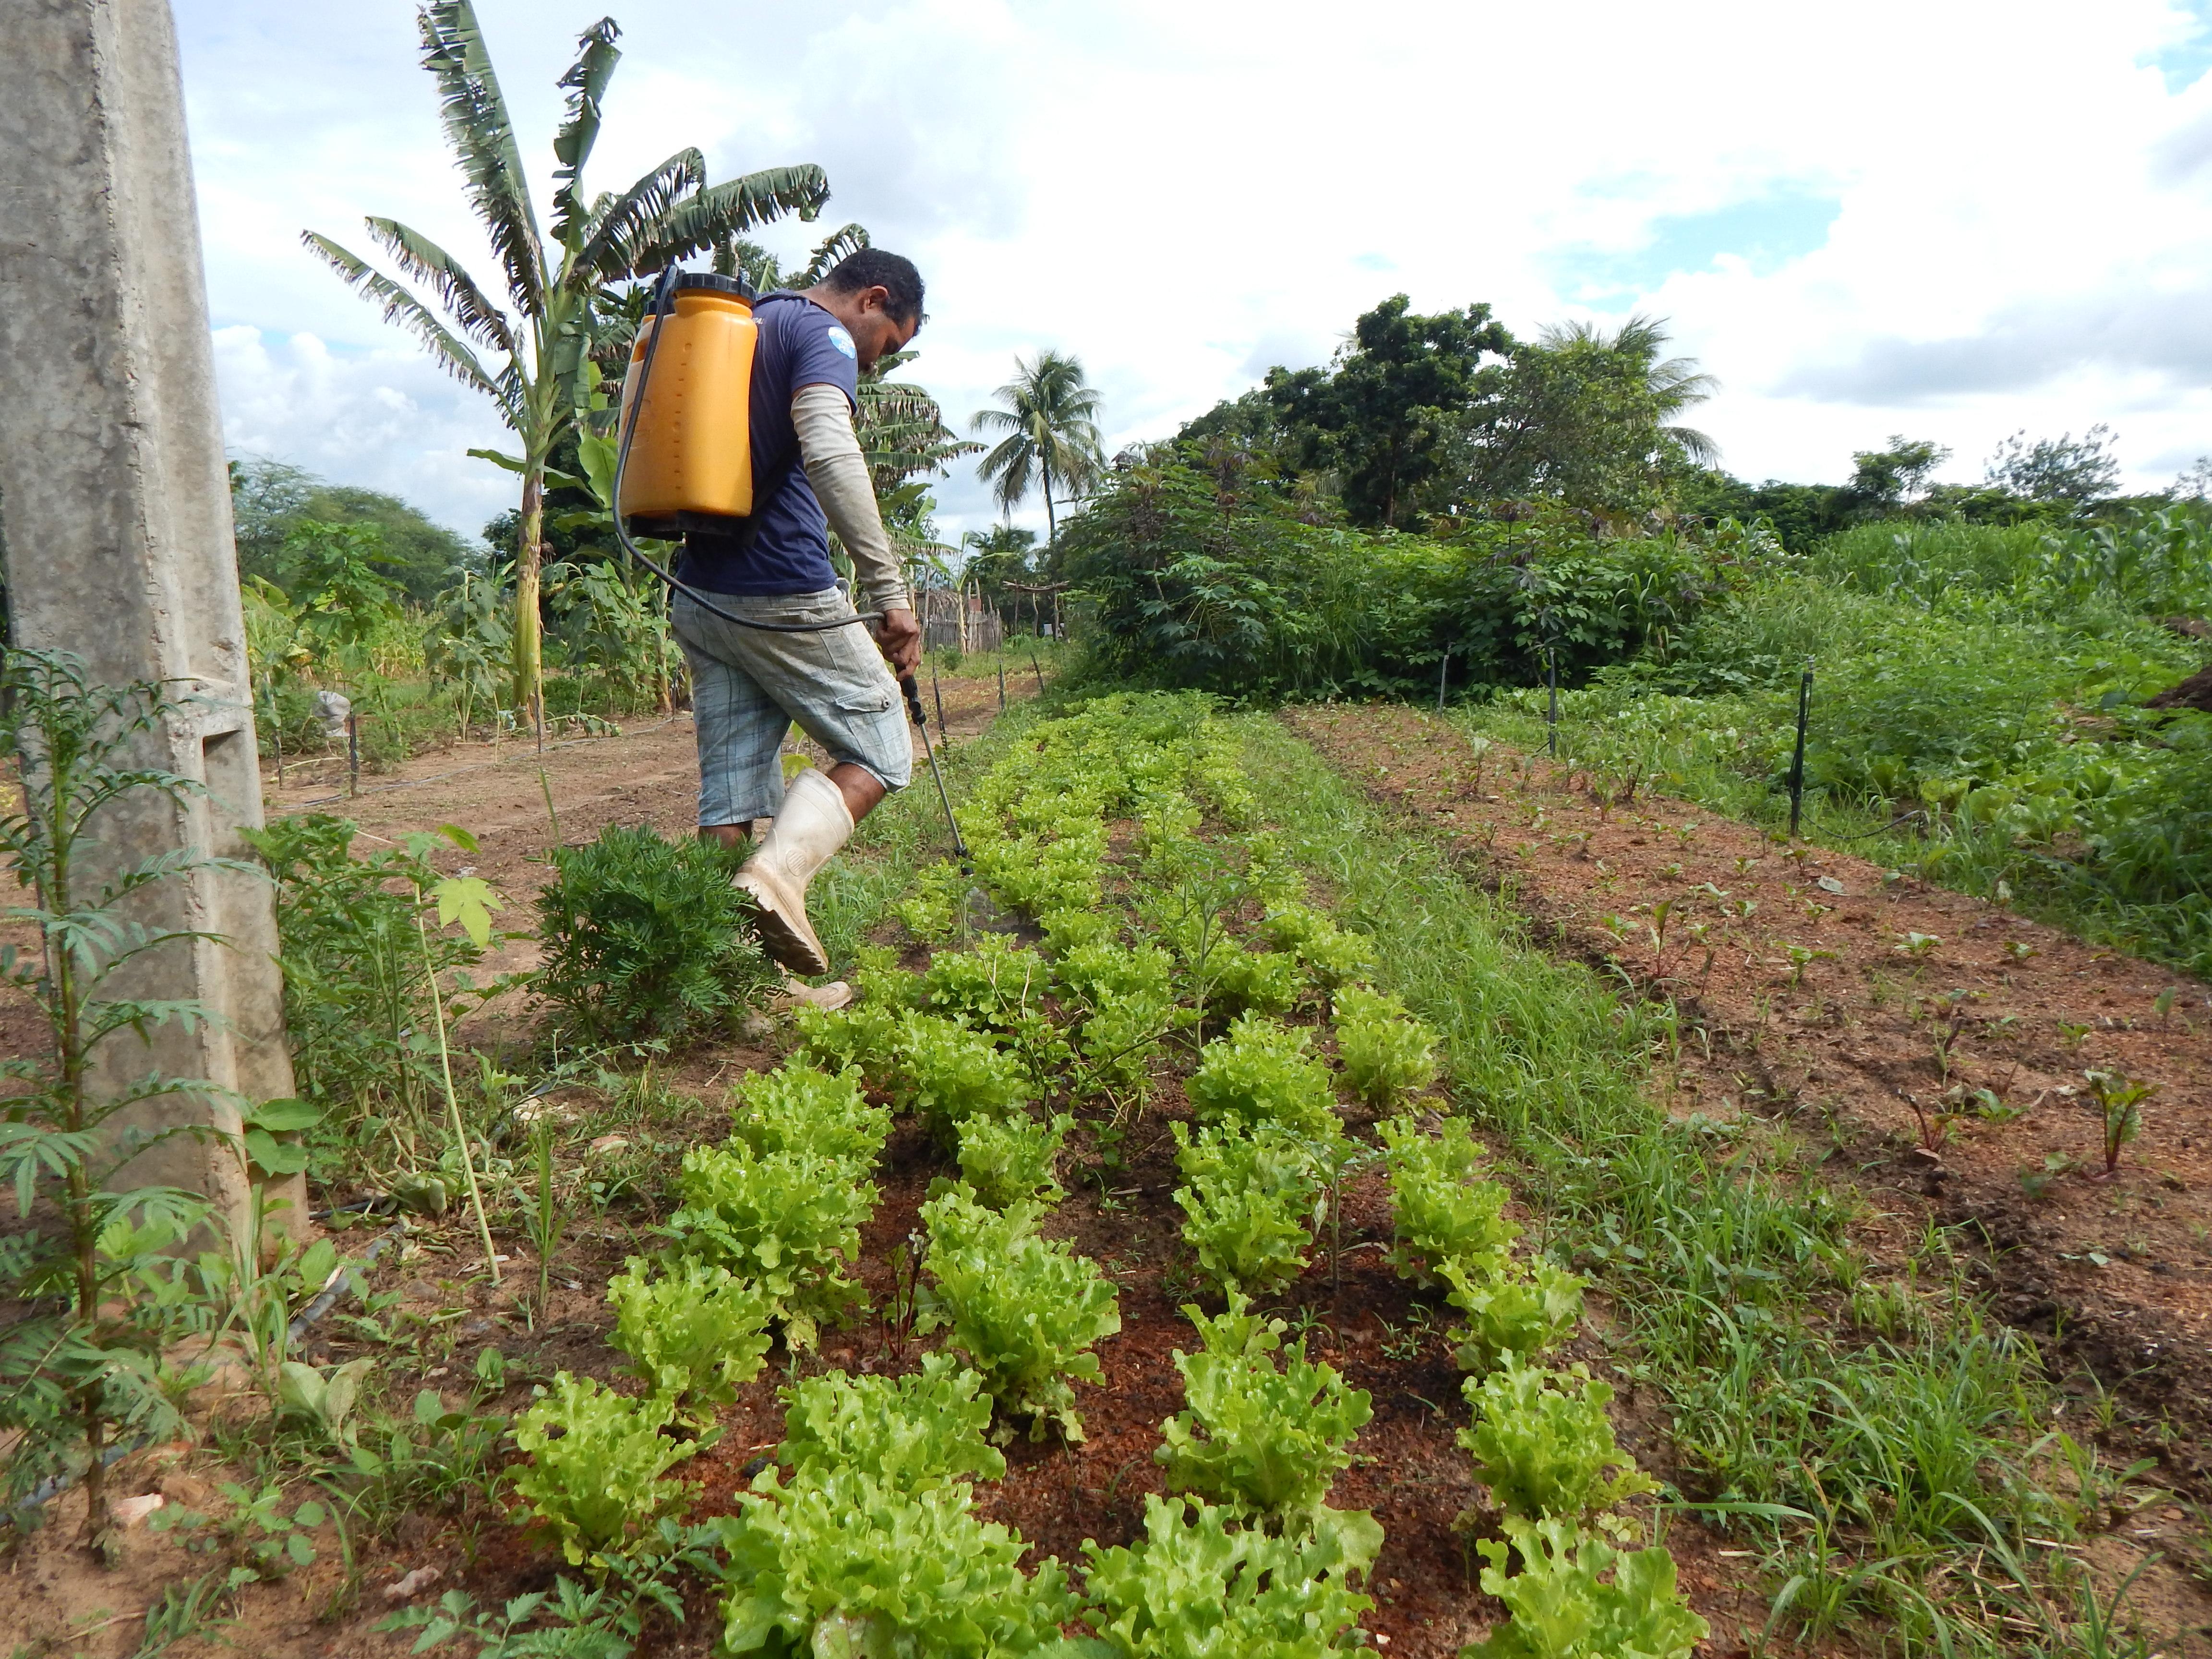 Produtores no Cariri combatem lagarta do milho com uso de bioinseticida Bt